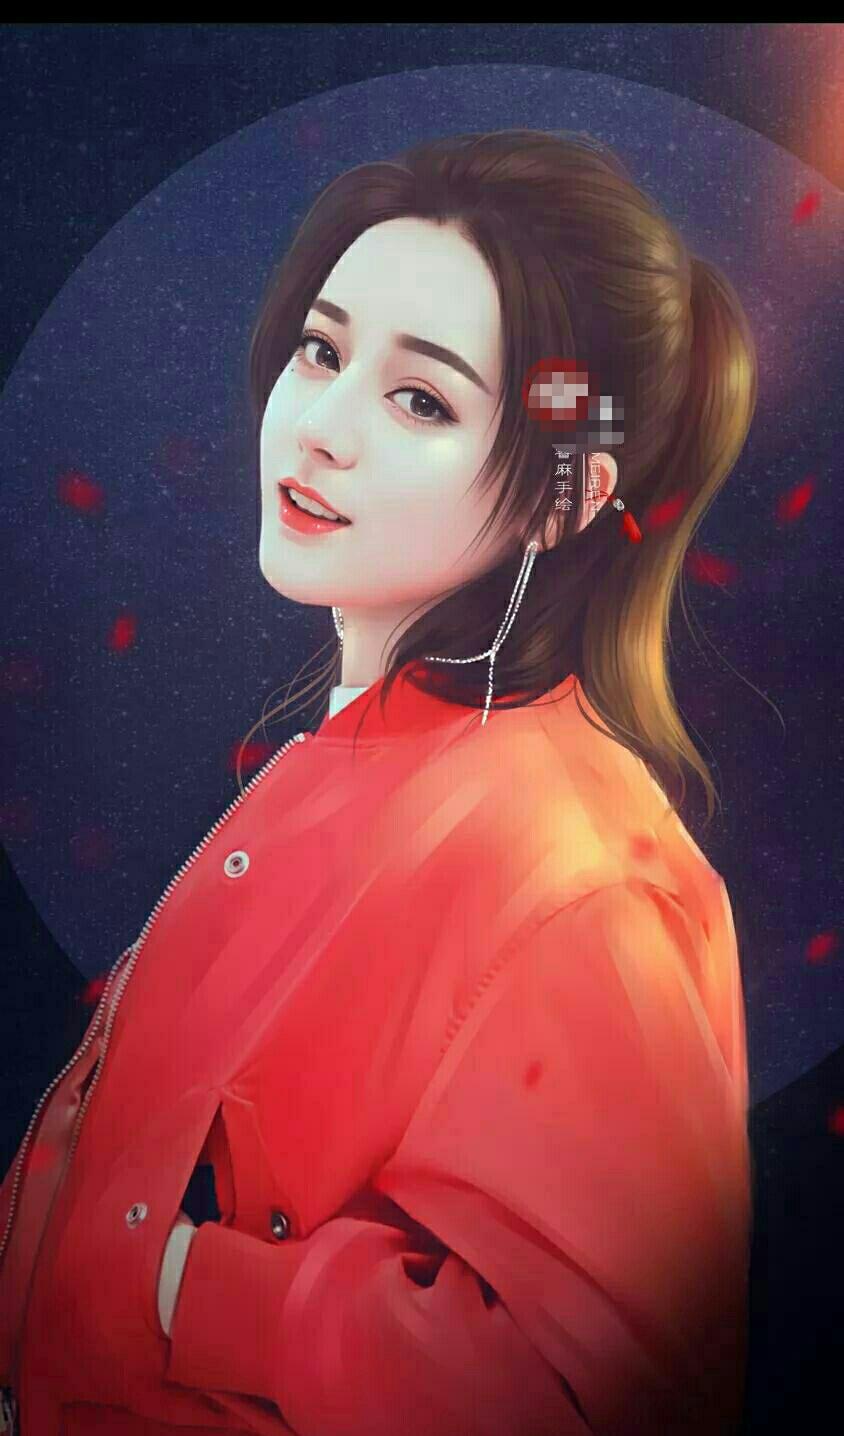 六大女星手绘图,杨颖第五,迪丽热巴第三,唐嫣第二,第一是她!